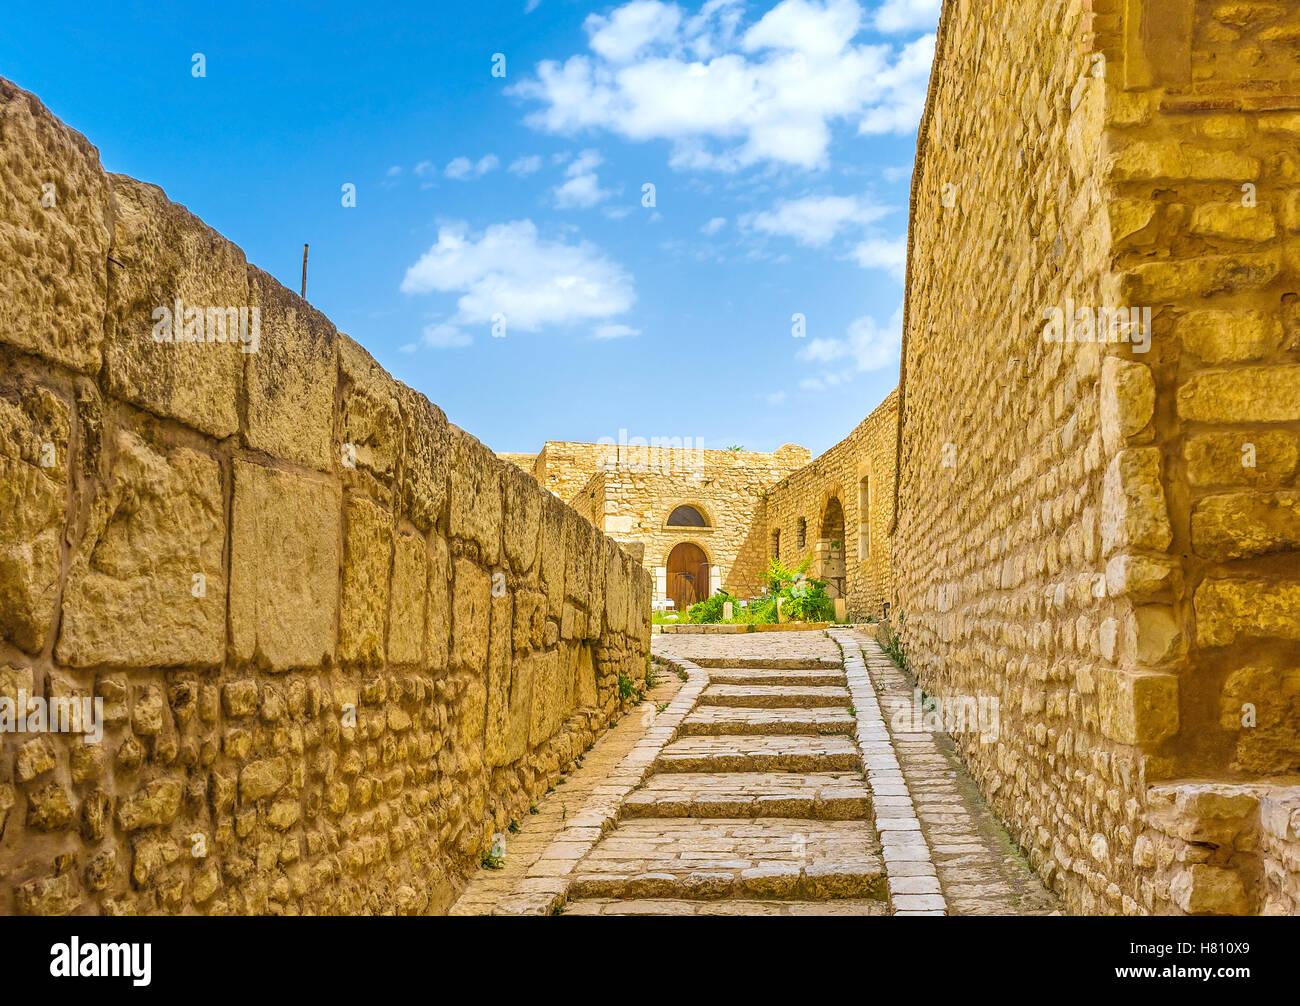 Le chemin étroit entre grands et petits forts de la Kasbah, Le Kef, Tunisie. Photo Stock